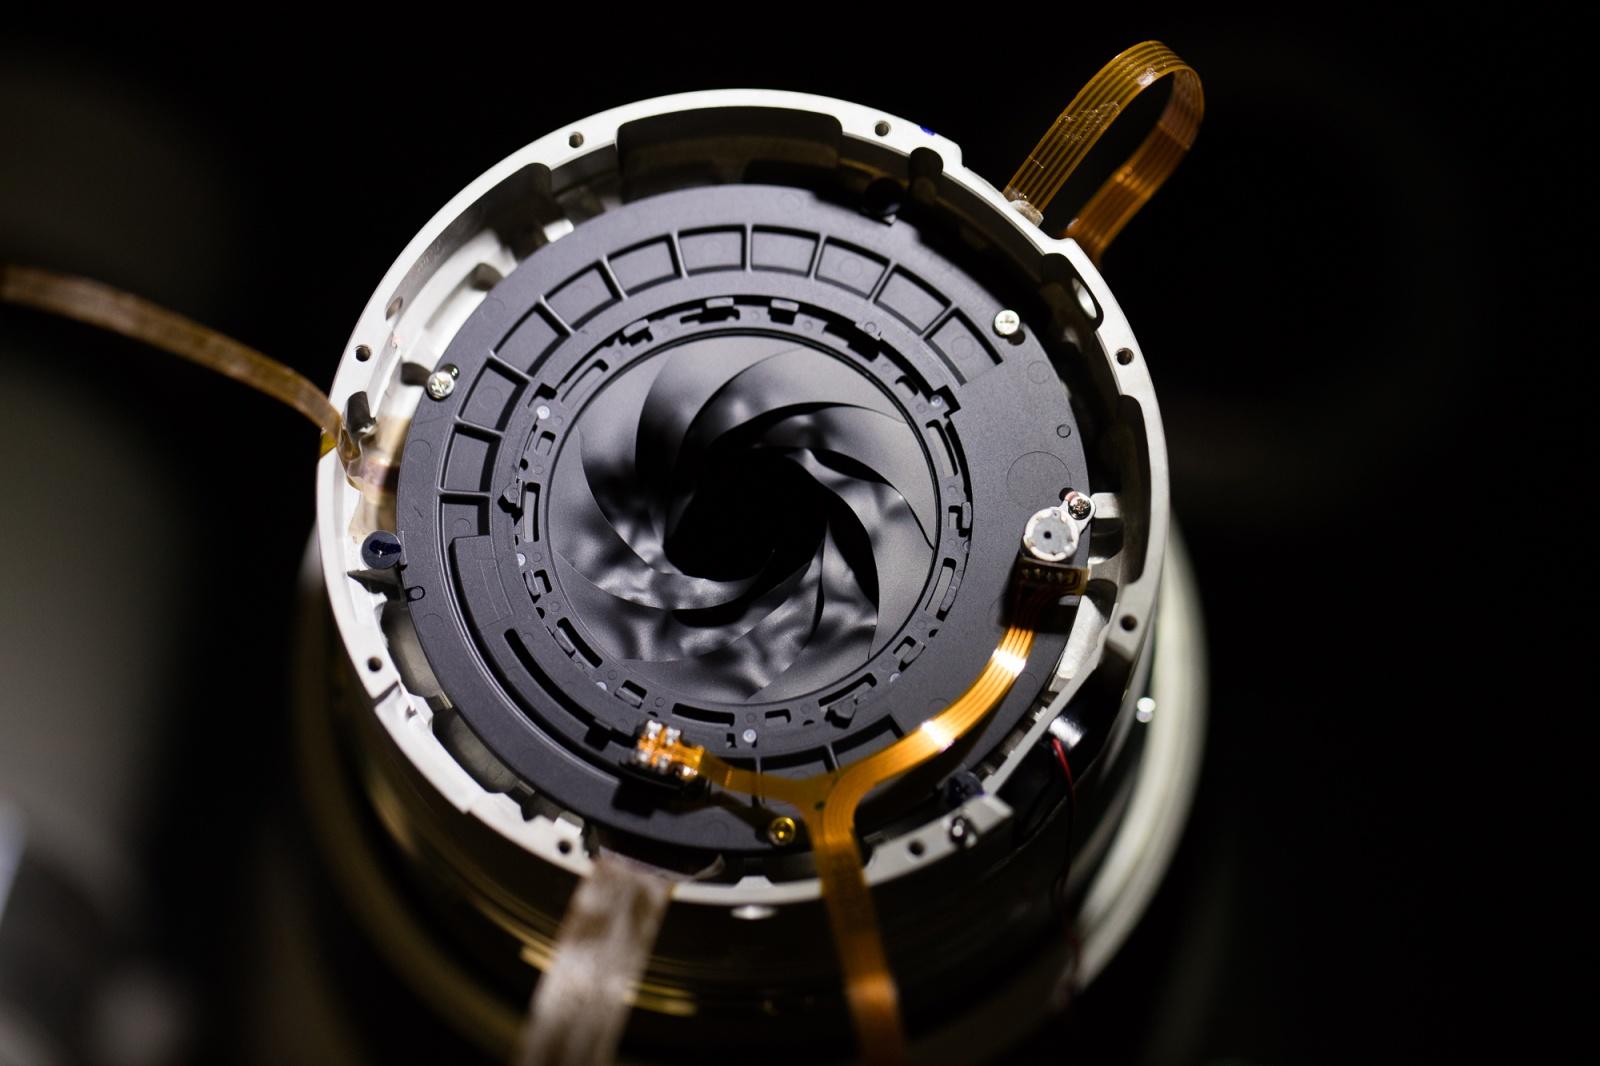 Прокатное фотографическое оборудование, повреждённое солнечным затмением - 10